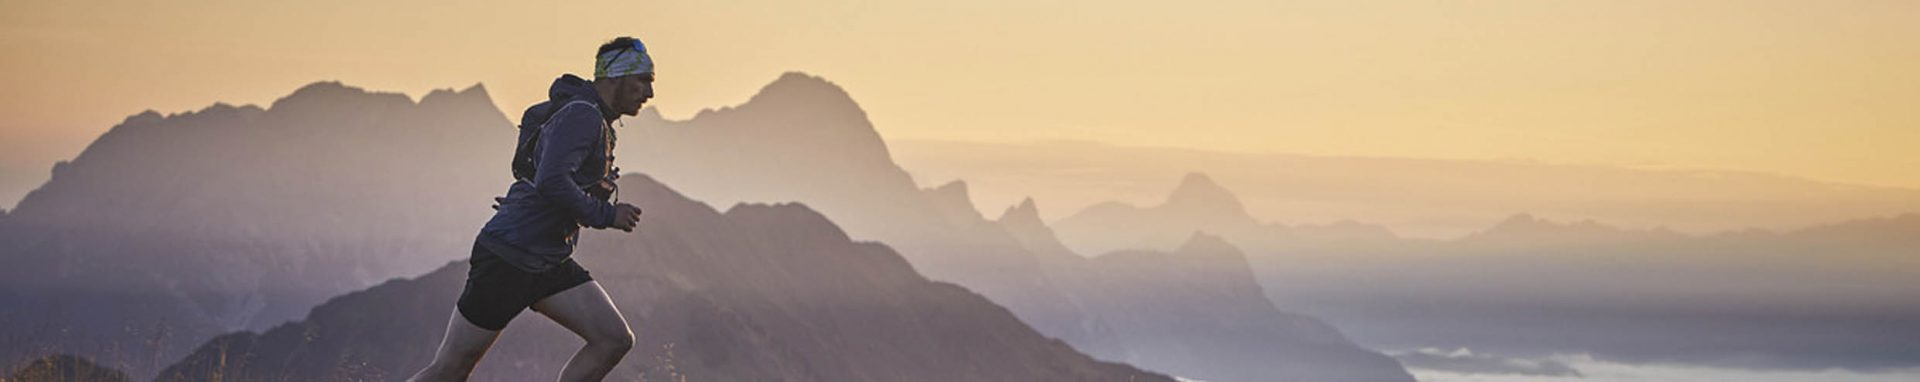 Campeonato Gaúcho Trilhas & Montanhas - 2020